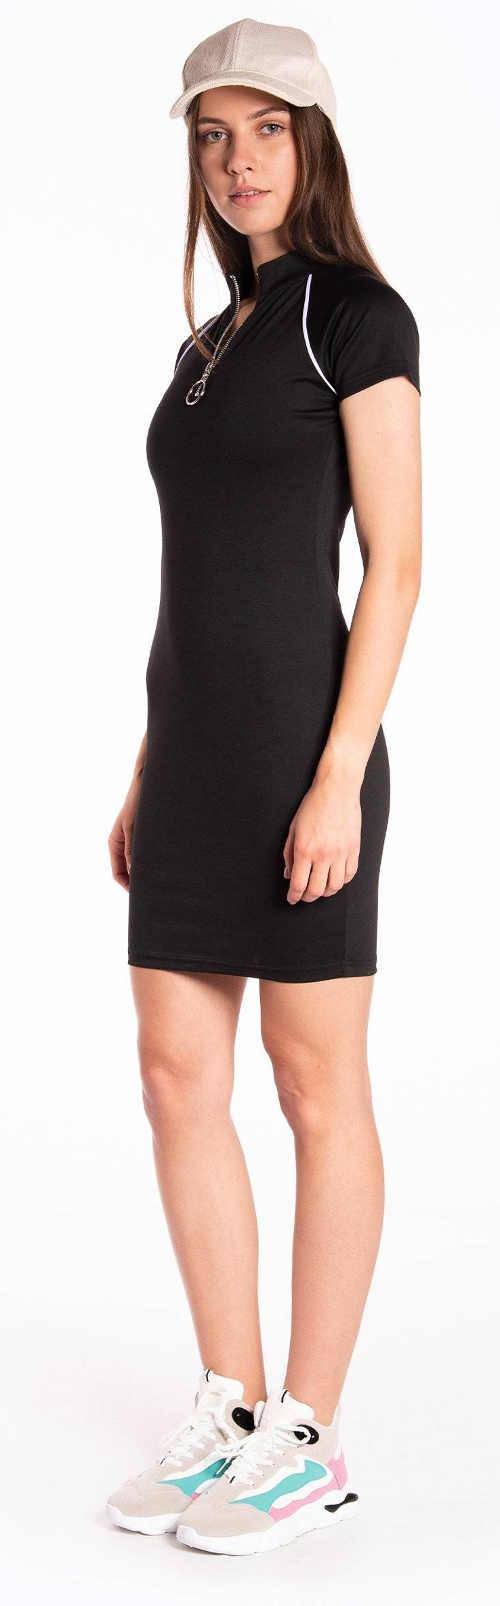 Tričkové dámské sportovní šaty černé barvy